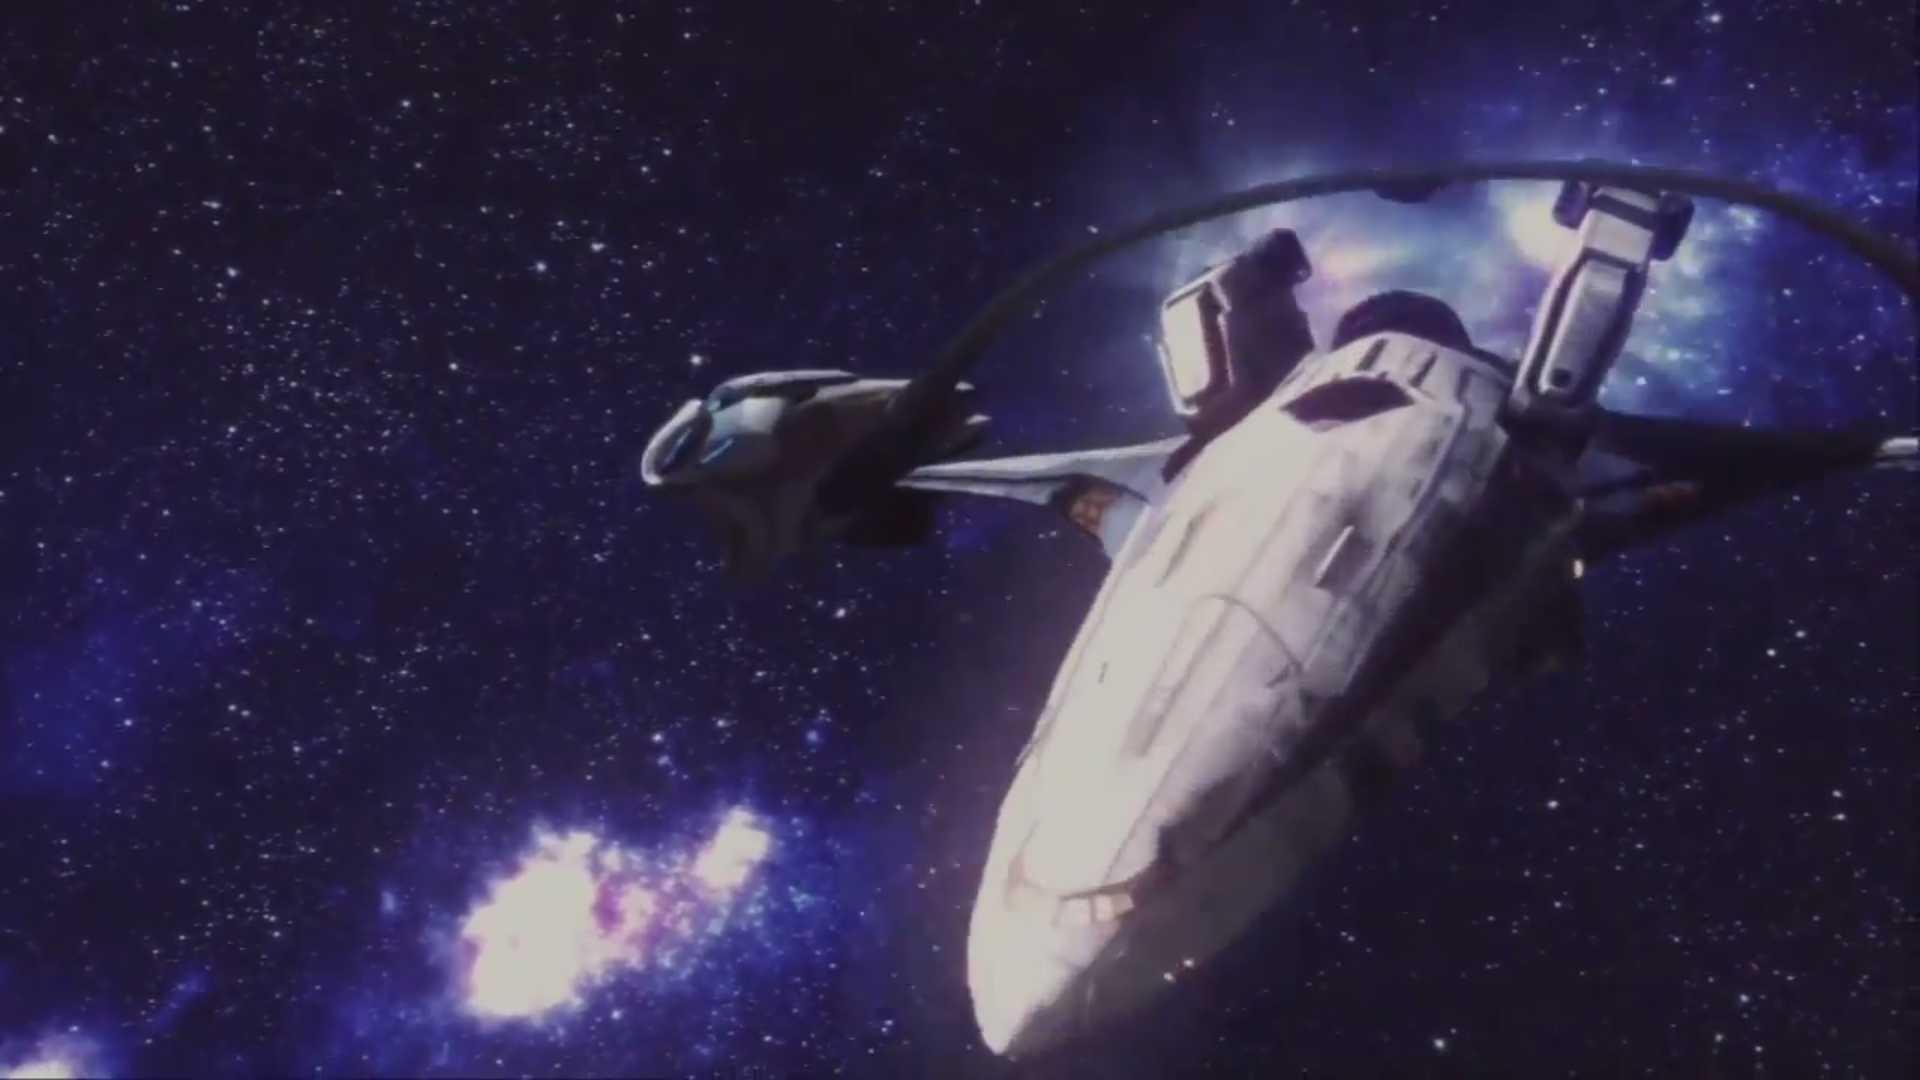 lorekeeper-star-ocean-tarihceleri-bolum-3